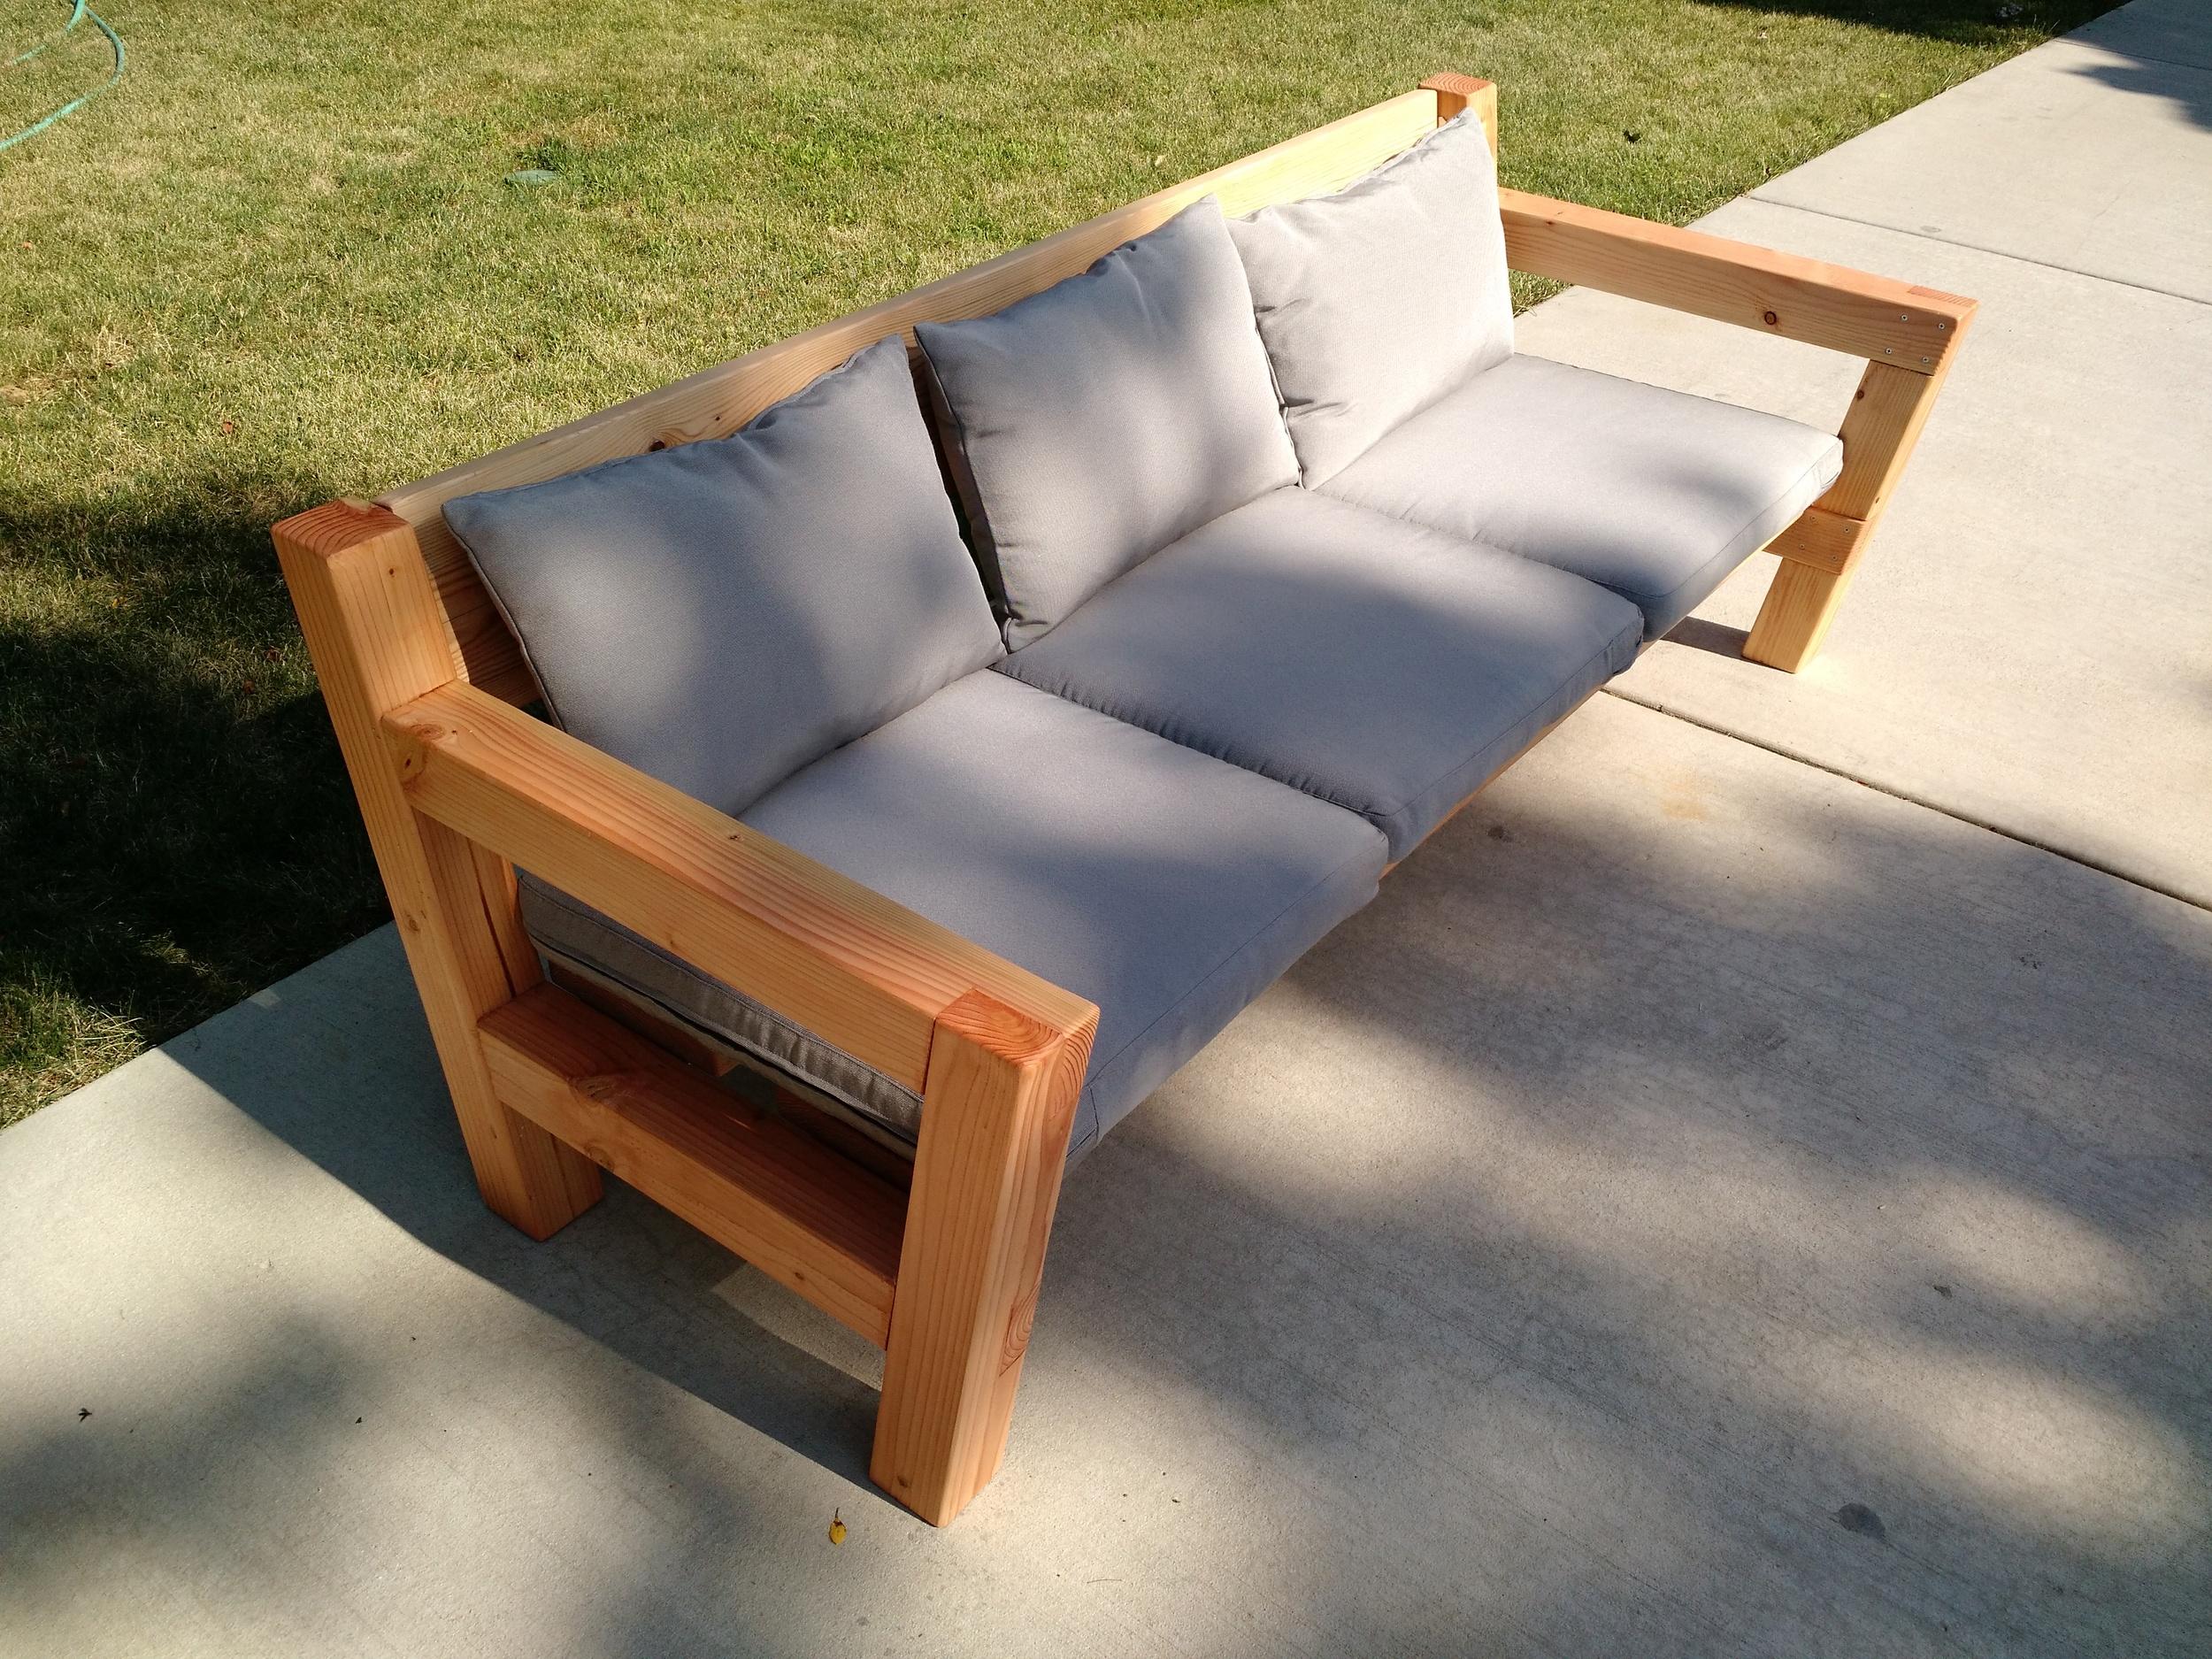 outdoor sofa angle.jpg